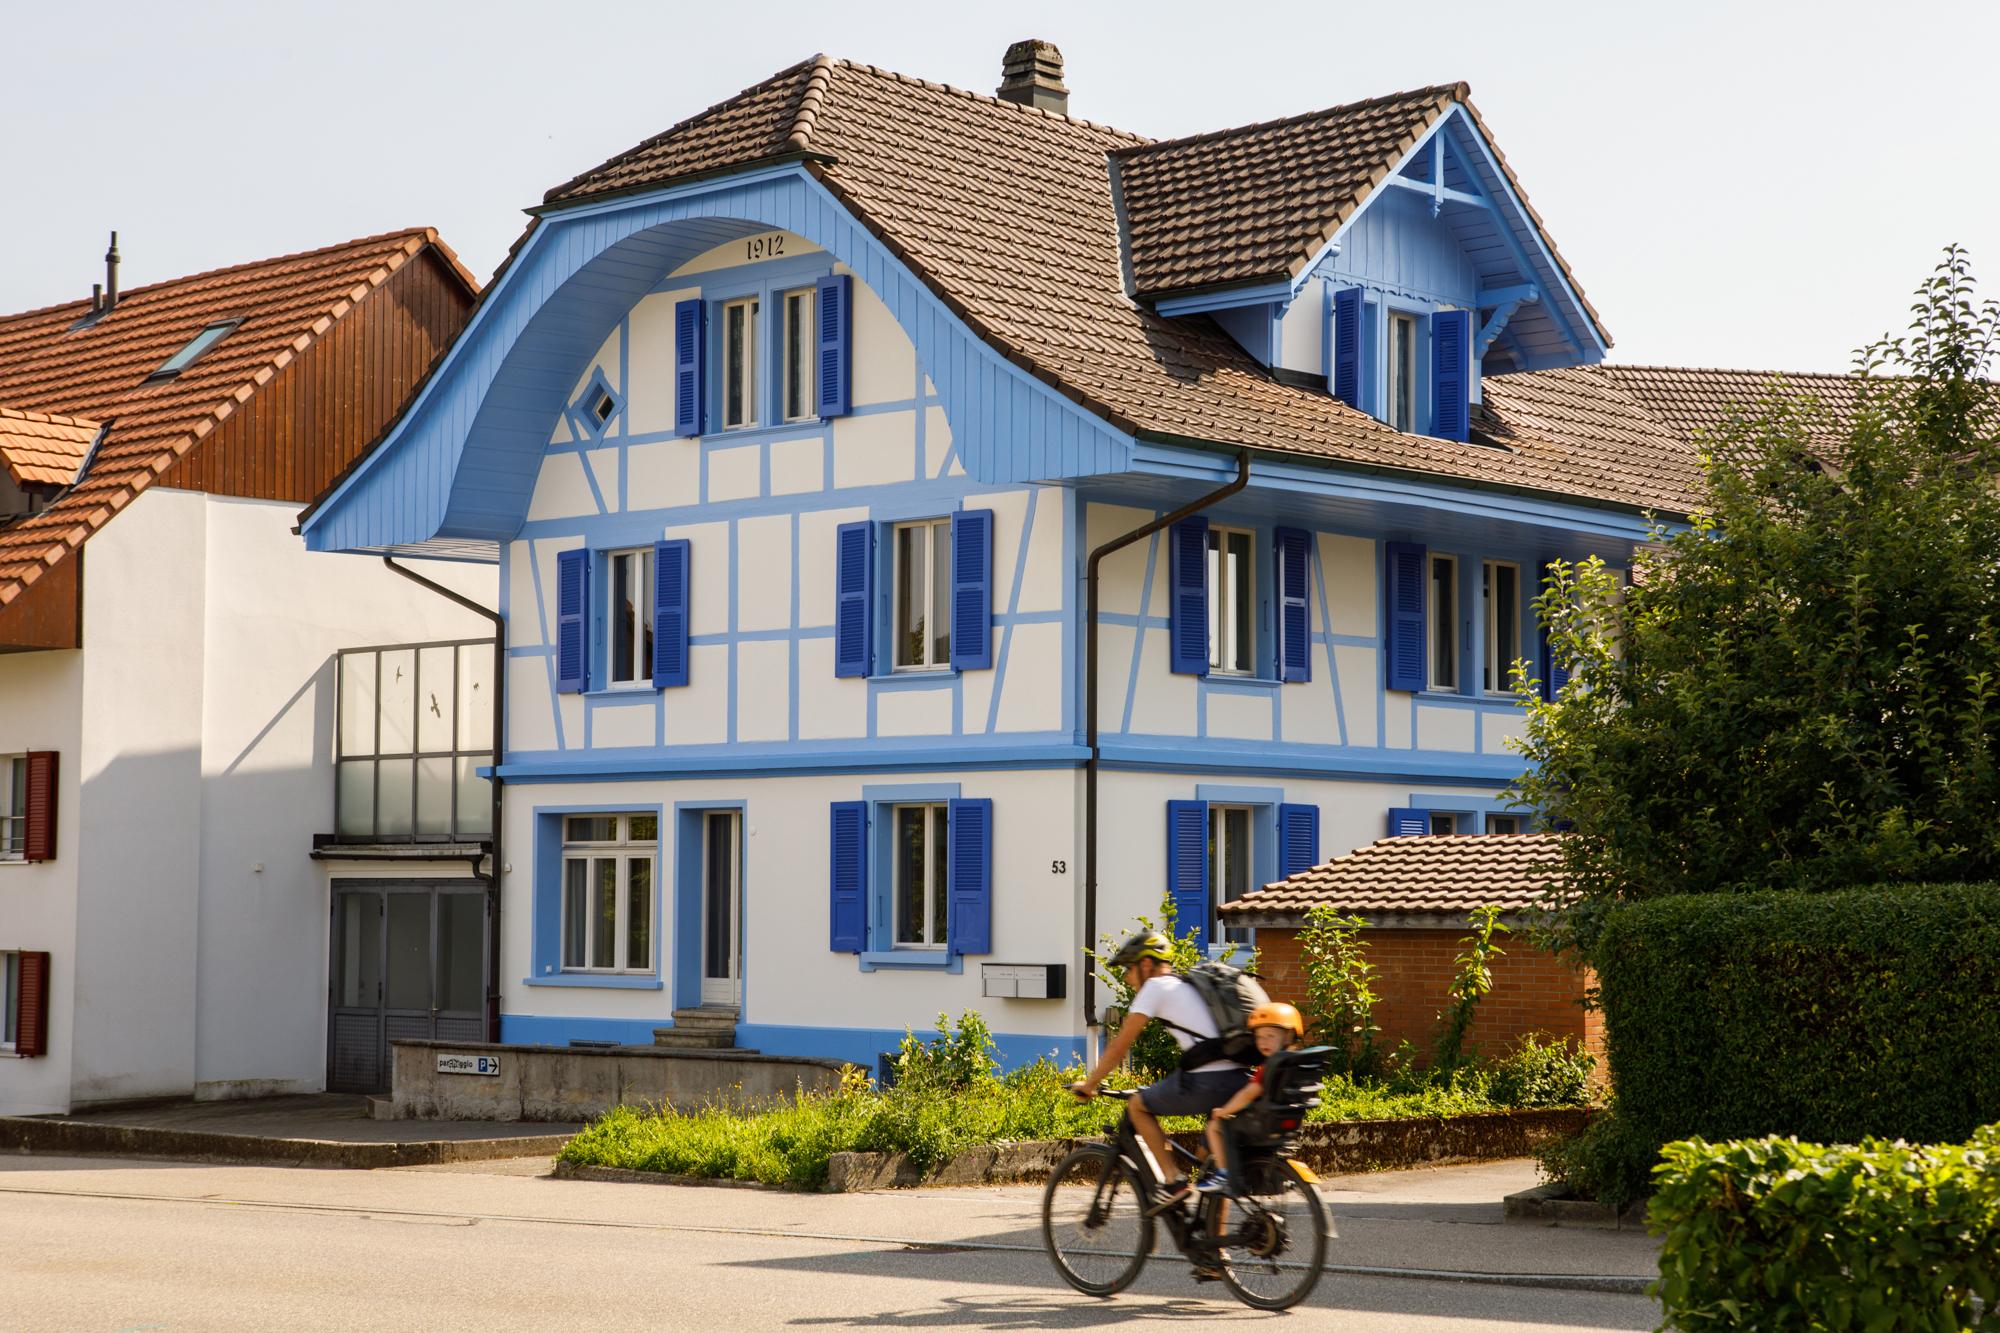 Malerarbeiten für ein altes Mehrfamilien Bauernhaus in Zollikofen